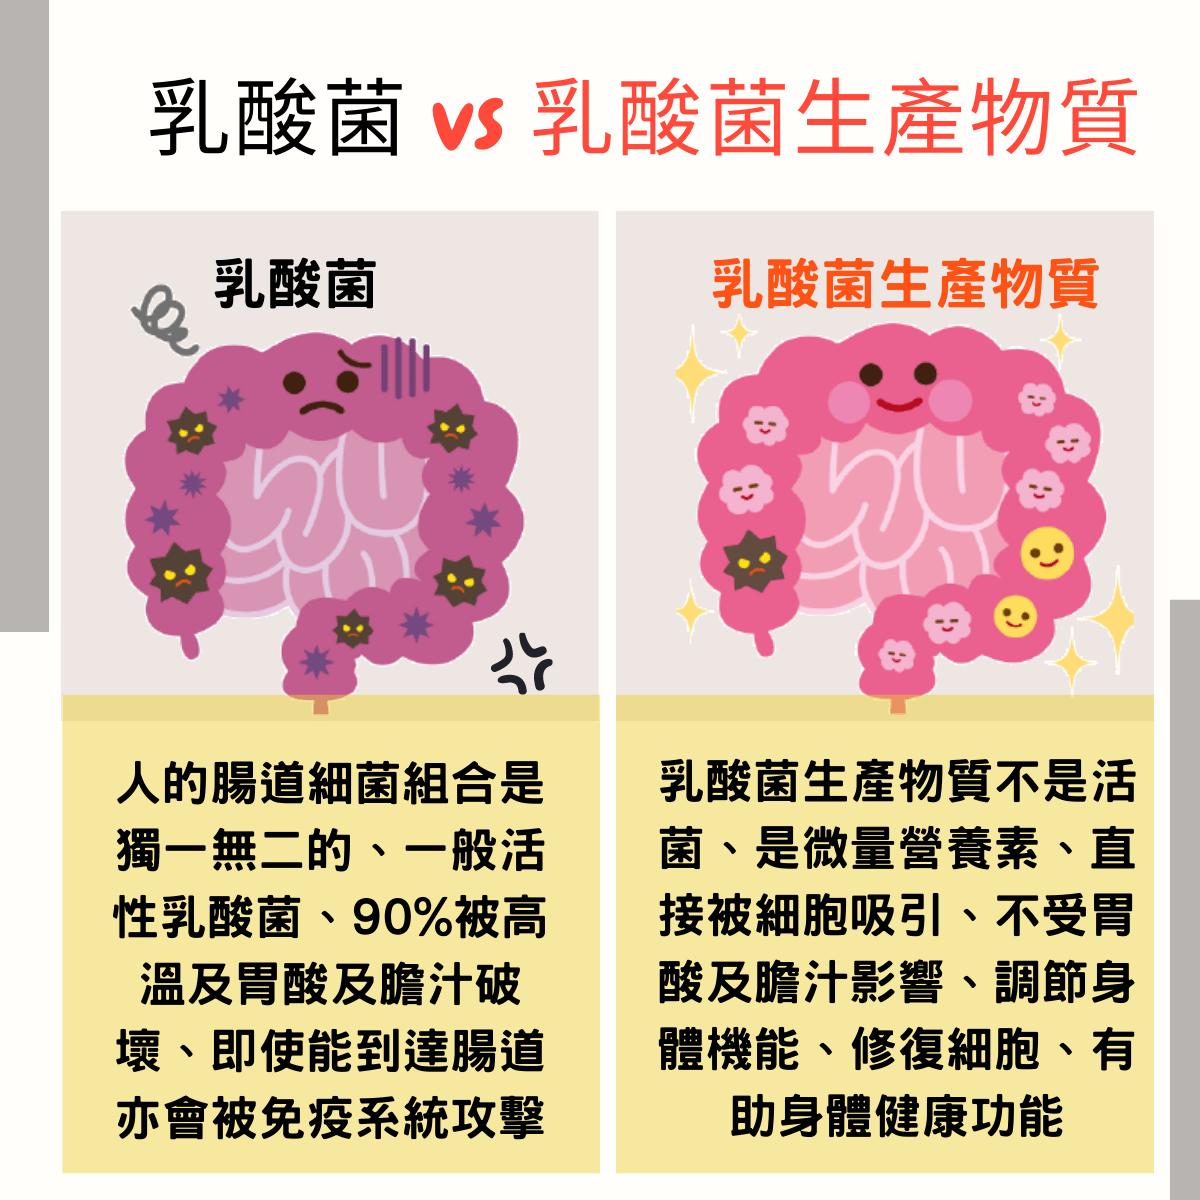 乳酸菌 vs 乳酸菌生產物質